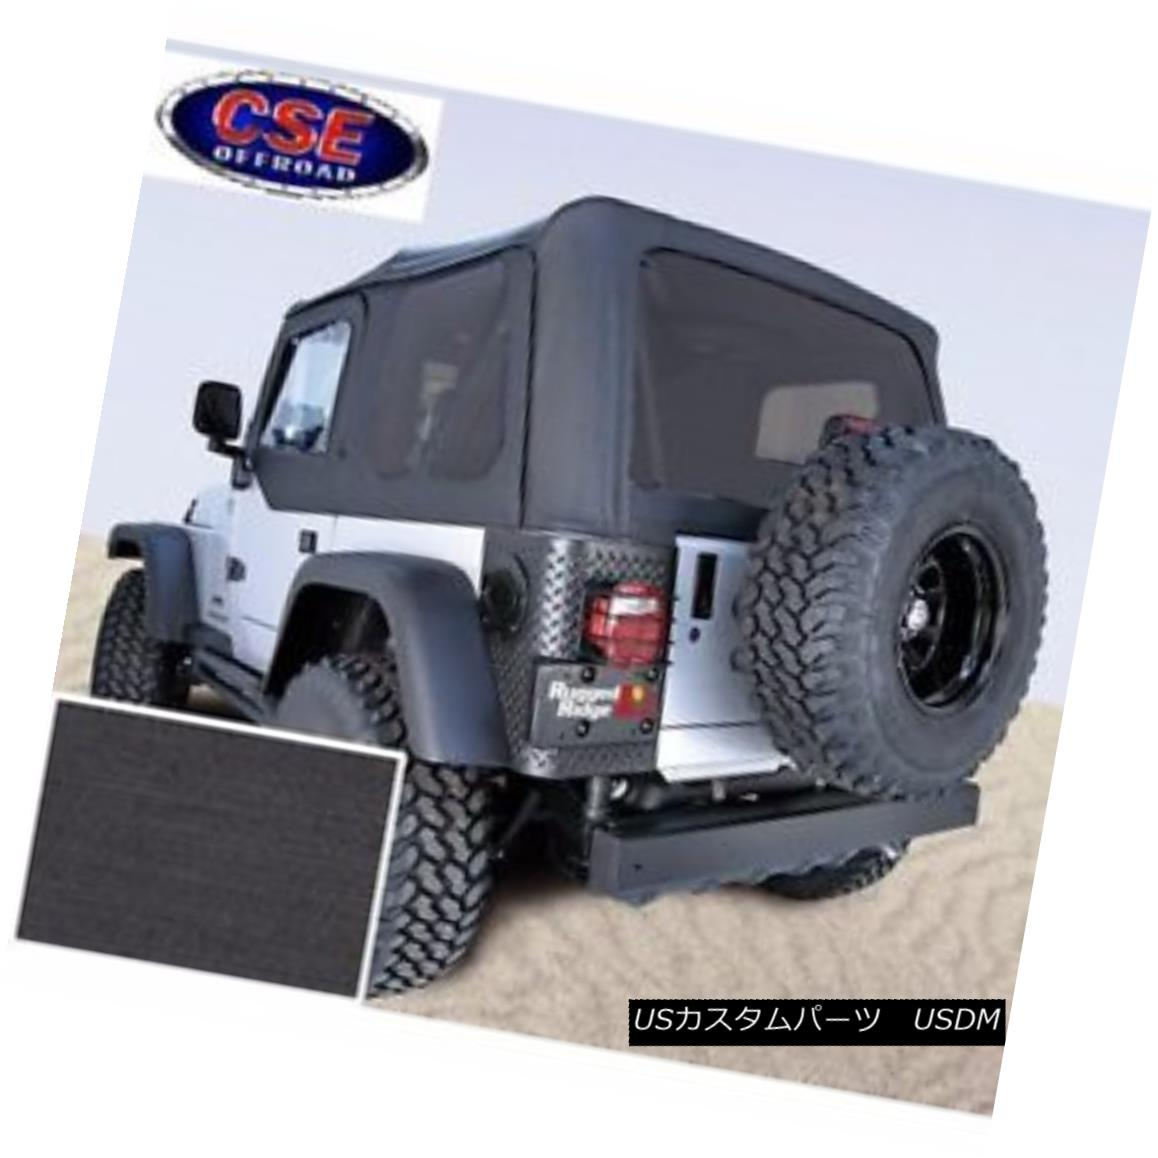 幌・ソフトトップ Soft Top Door Skins Black Tinted Windows Fits: Jeep Wrangler TJ 1997-02 13704.15 ソフトトップドアスキンブラックティンテッドウィンドウフィット:Jeep Wrangler TJ 1997-02 13704.15